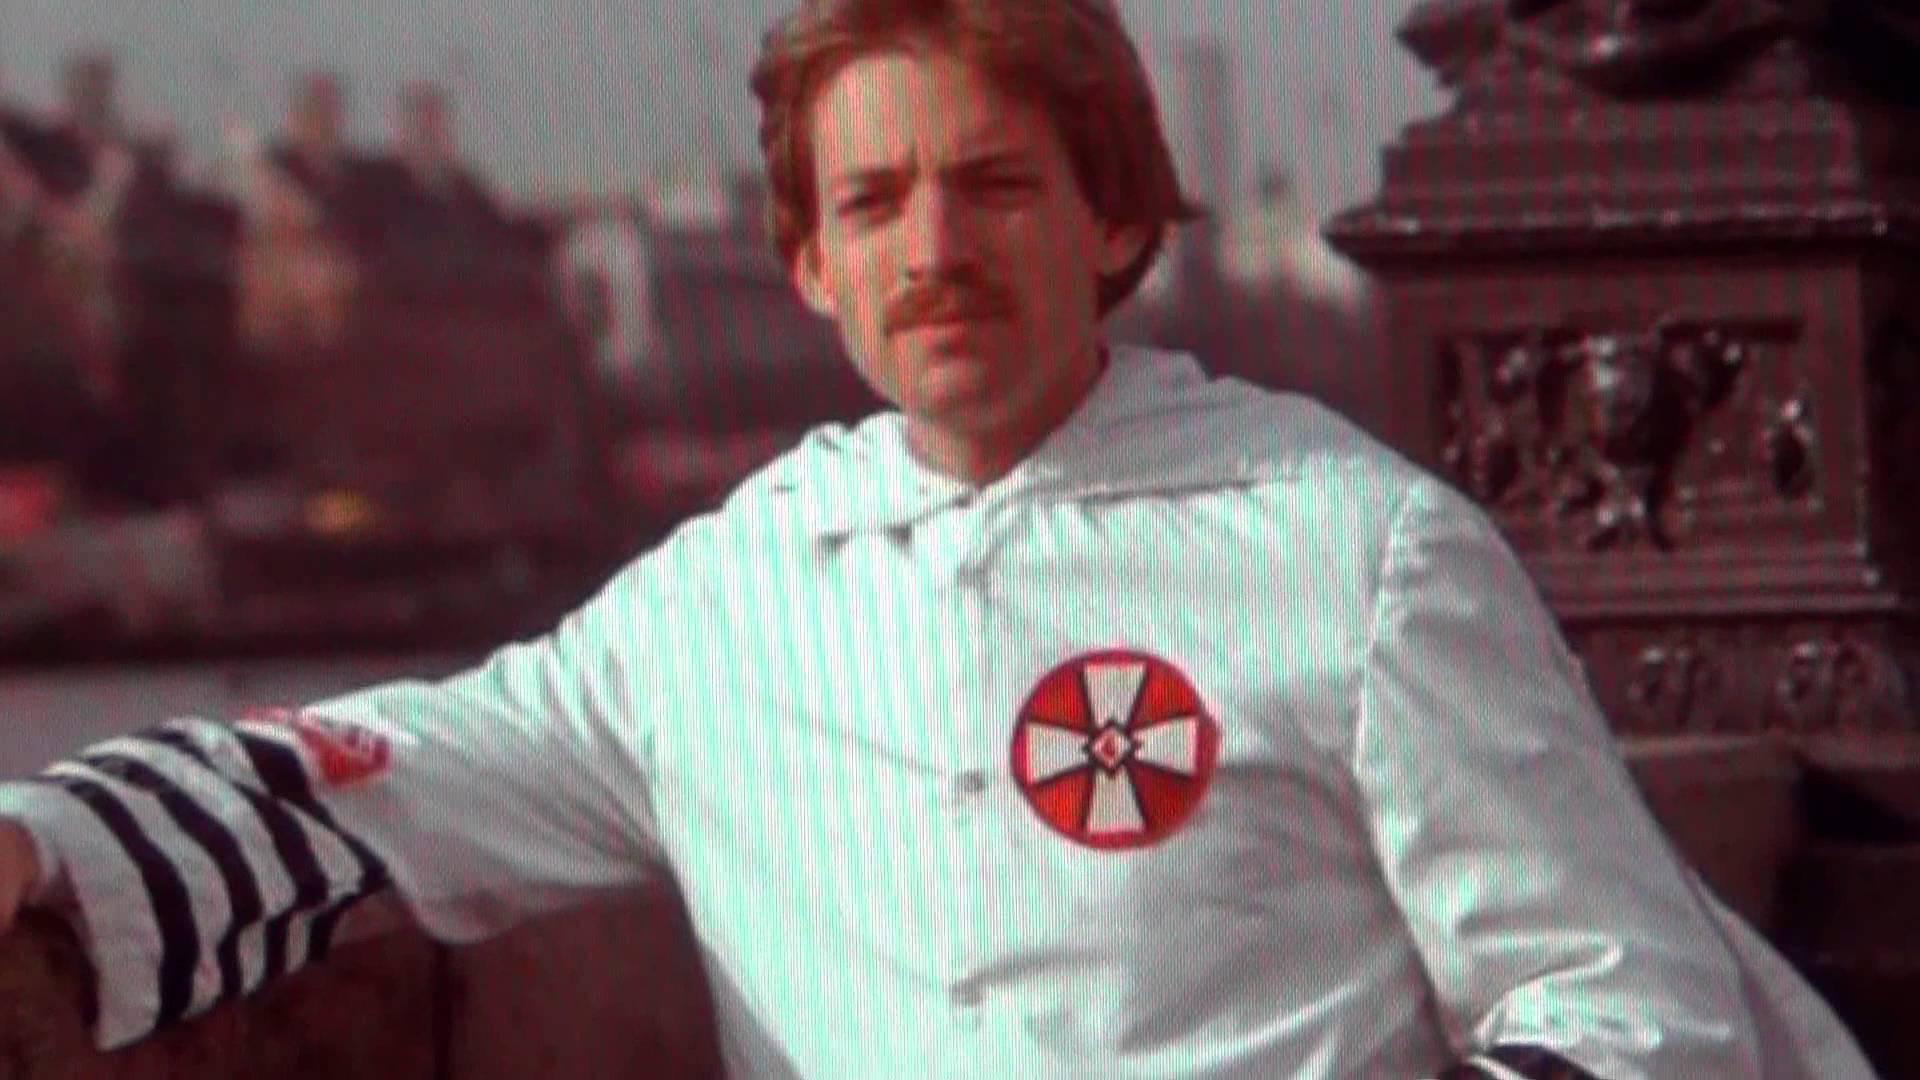 David Duke, Former KKK Leader